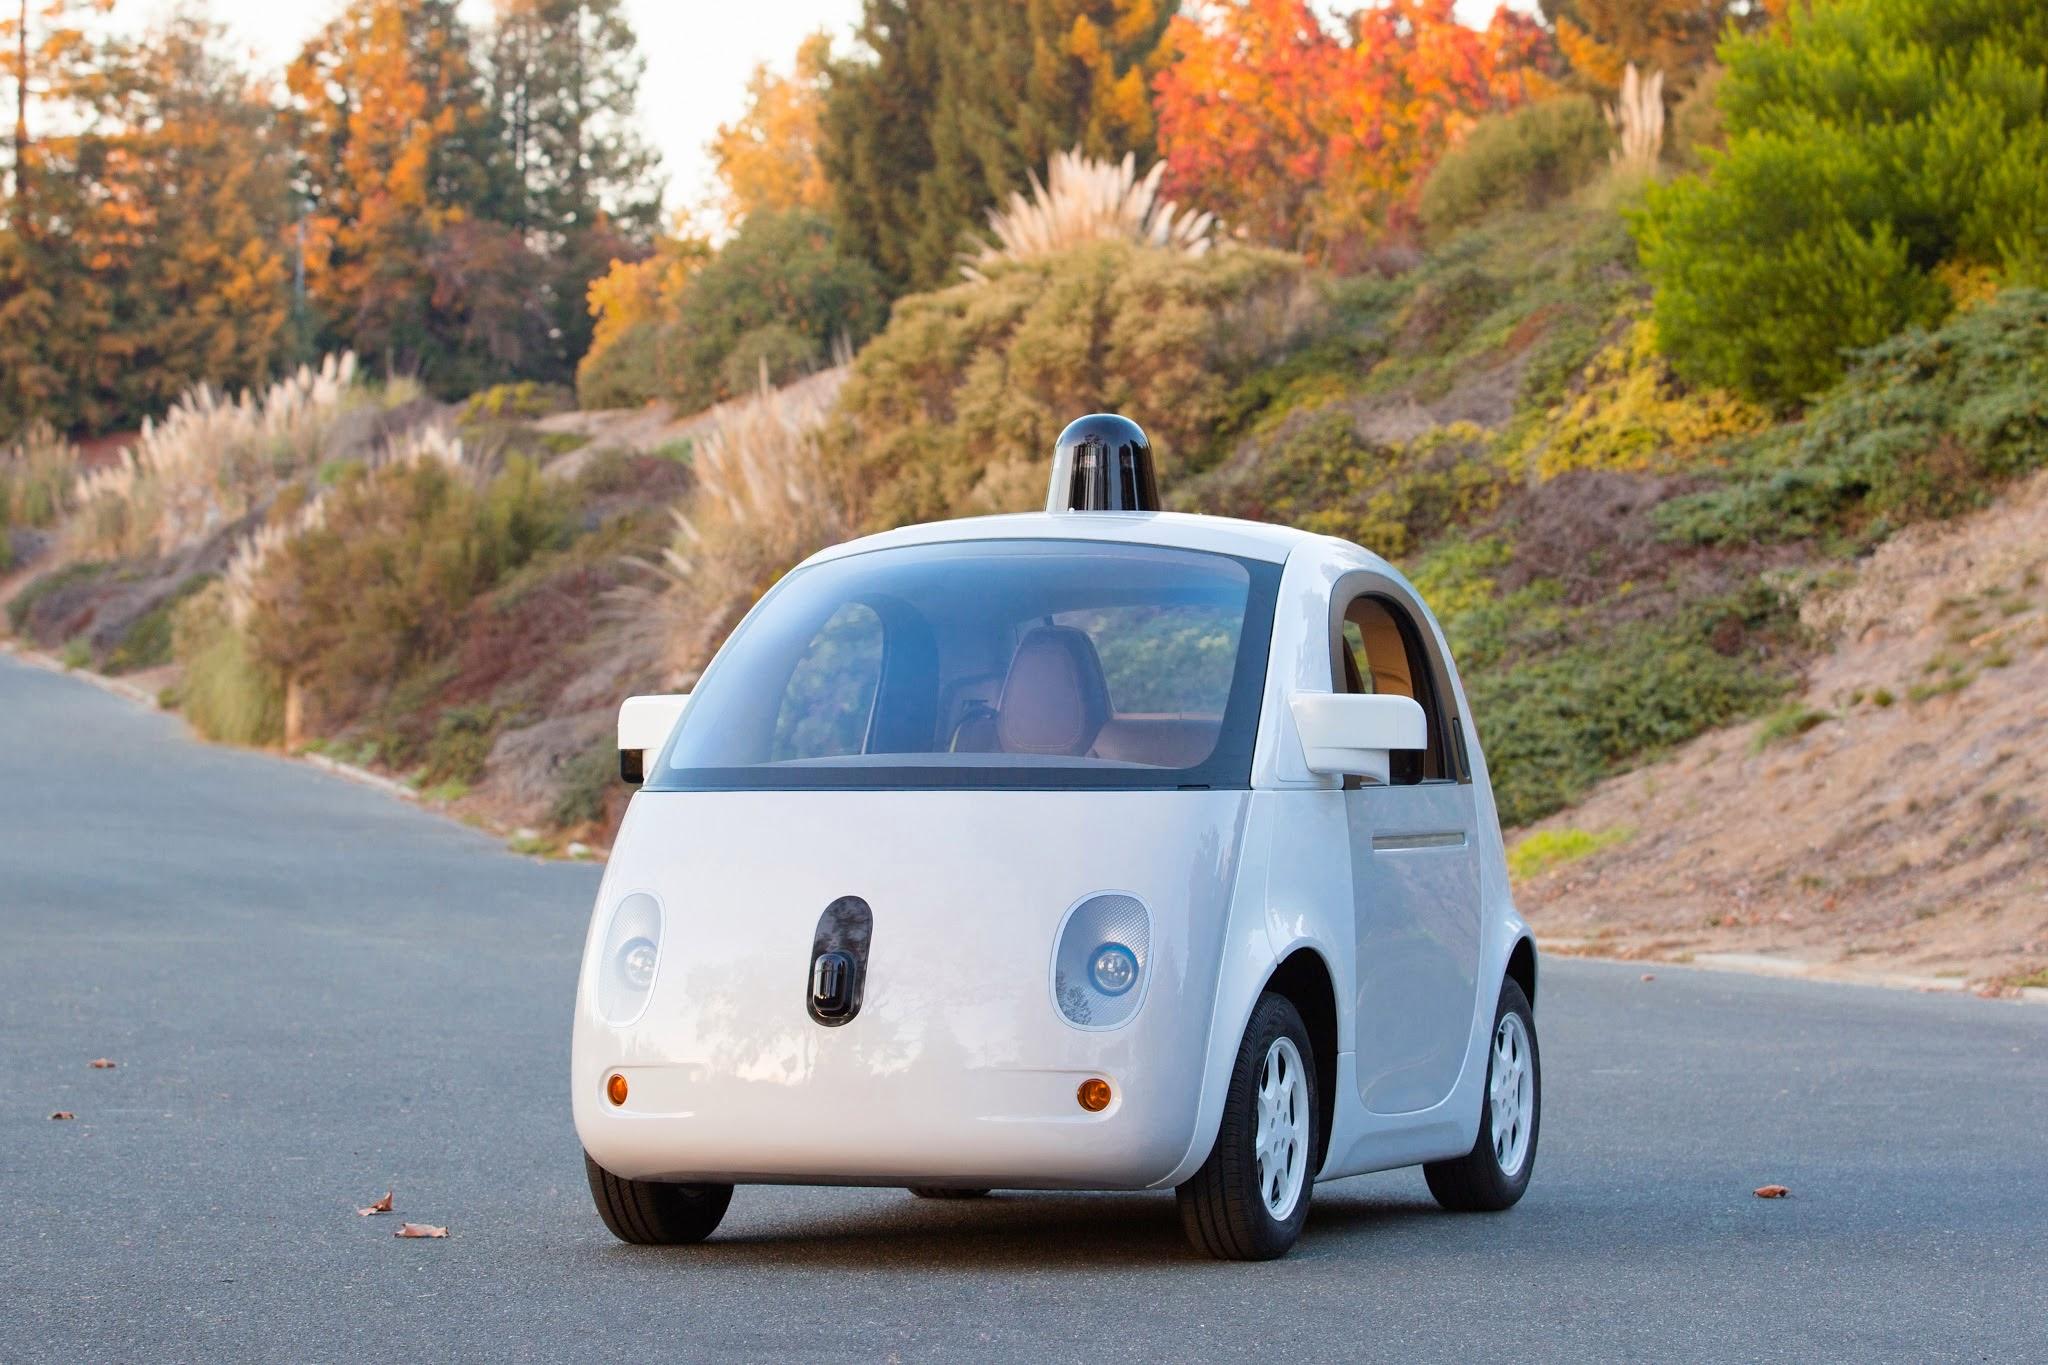 voiture autonome de google ibuzz365. Black Bedroom Furniture Sets. Home Design Ideas